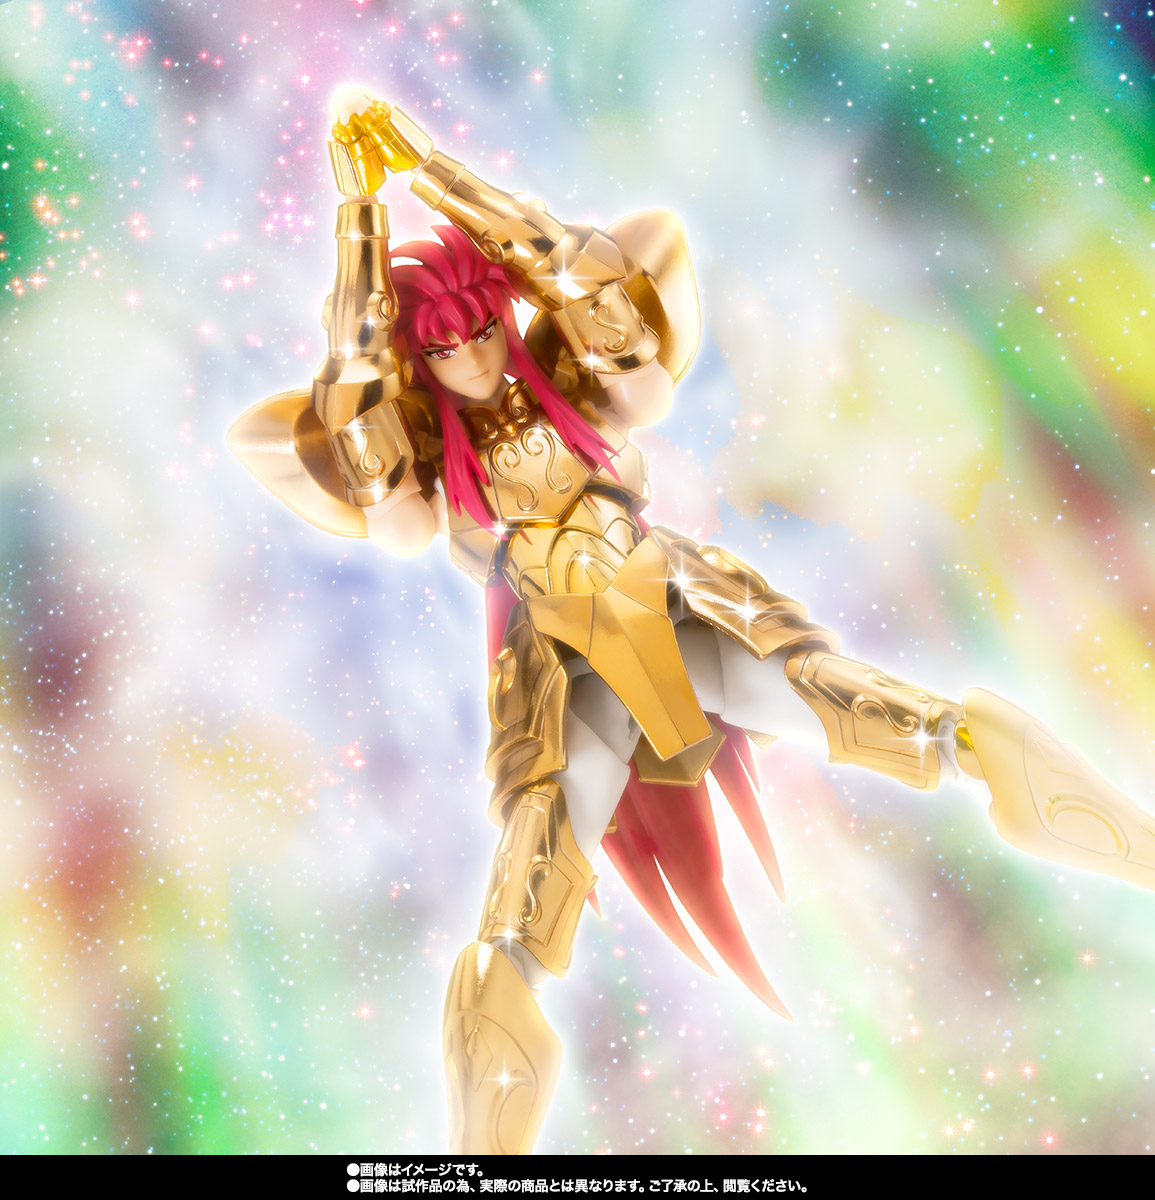 Aquarius Camus EX O.C.E. – Saint Cloth Myth EX di Bandai